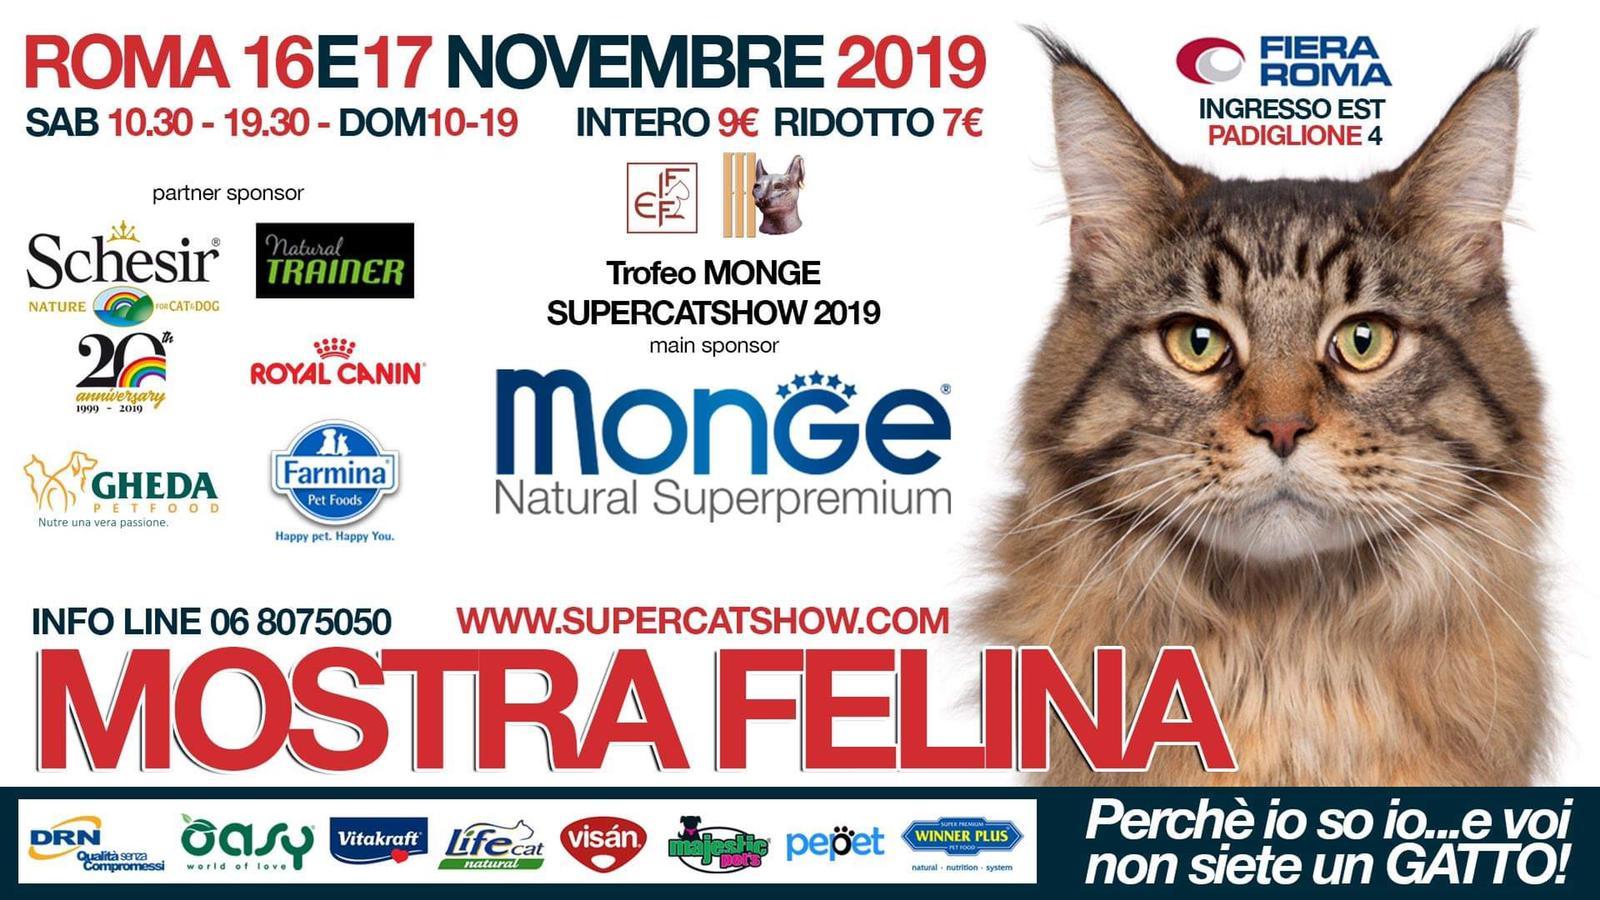 SuperCat Show 2019